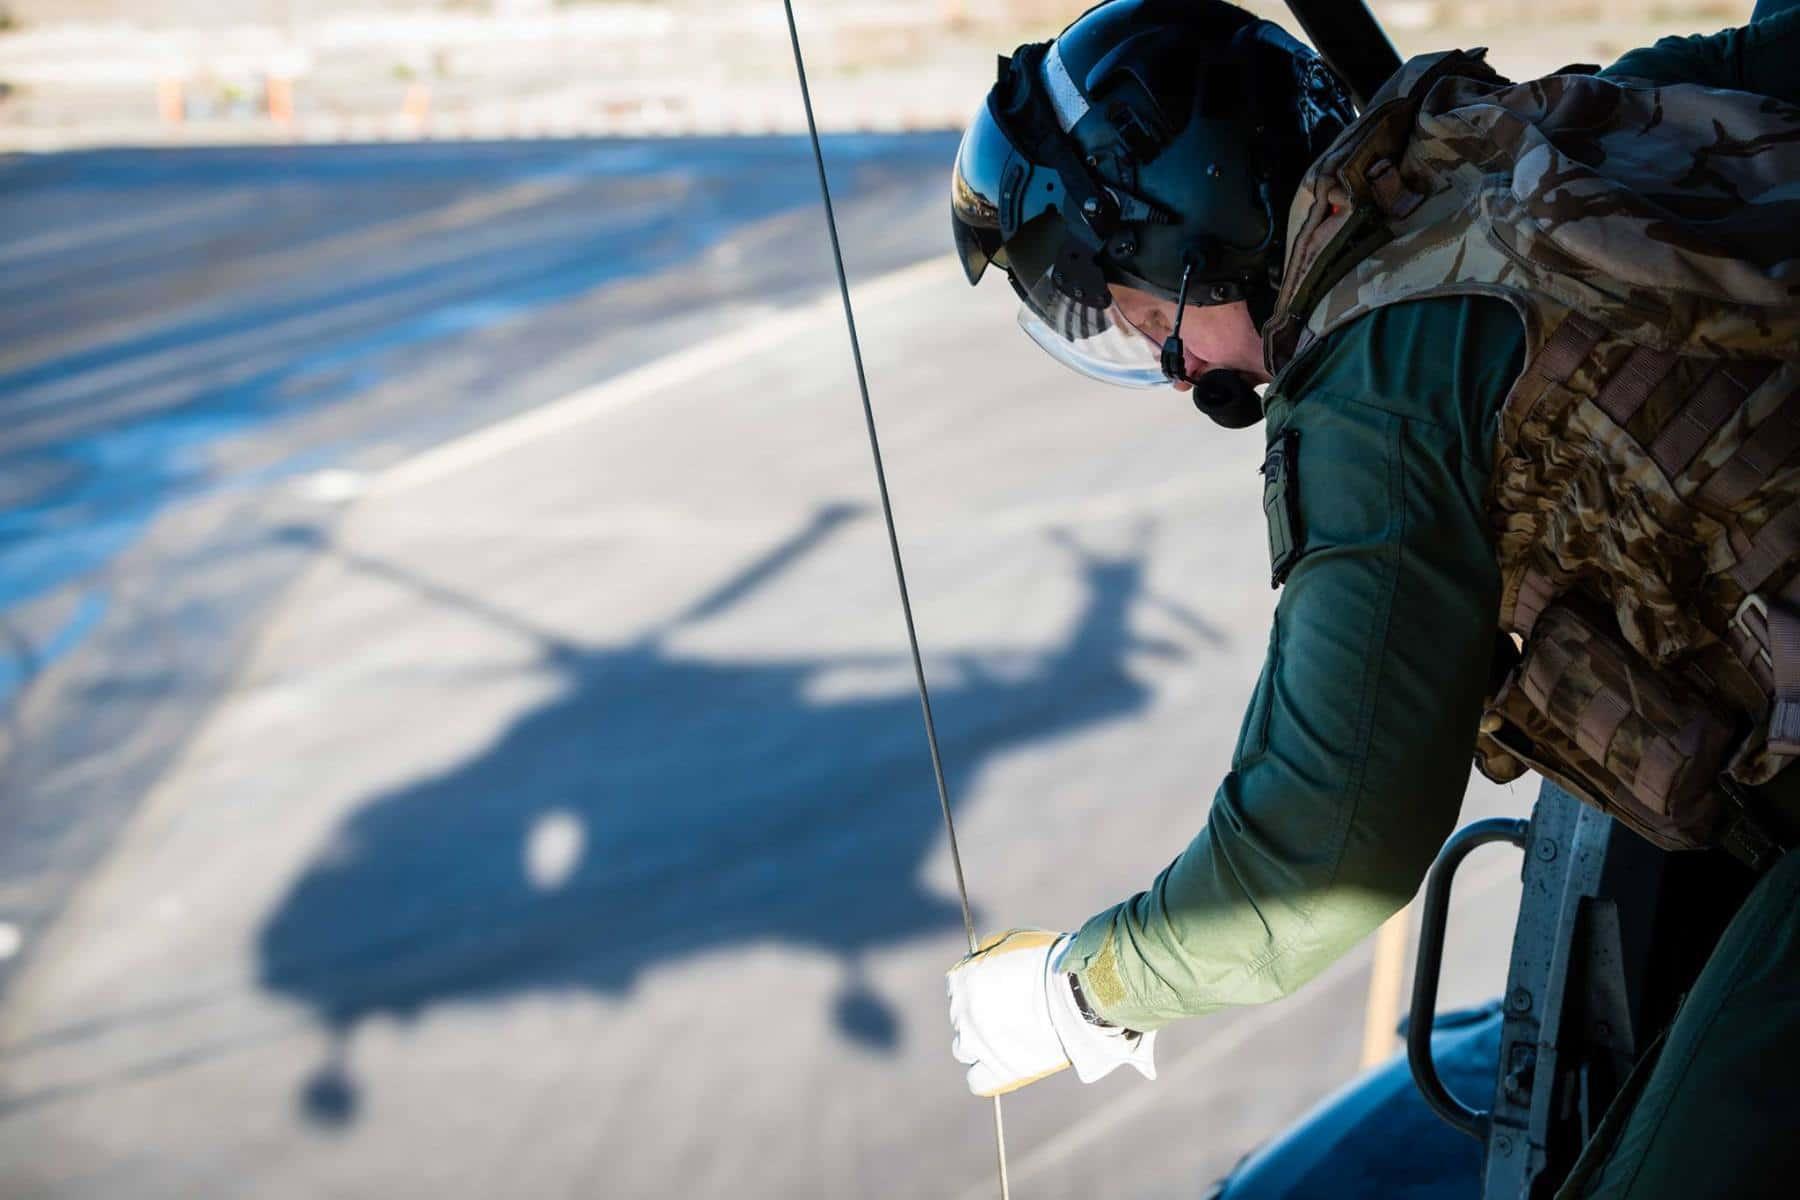 15-de-enero-2016-simulacro-de-rescate-con-helicpteros-merlin-mk3-en-gibraltar-02_24290194462_o